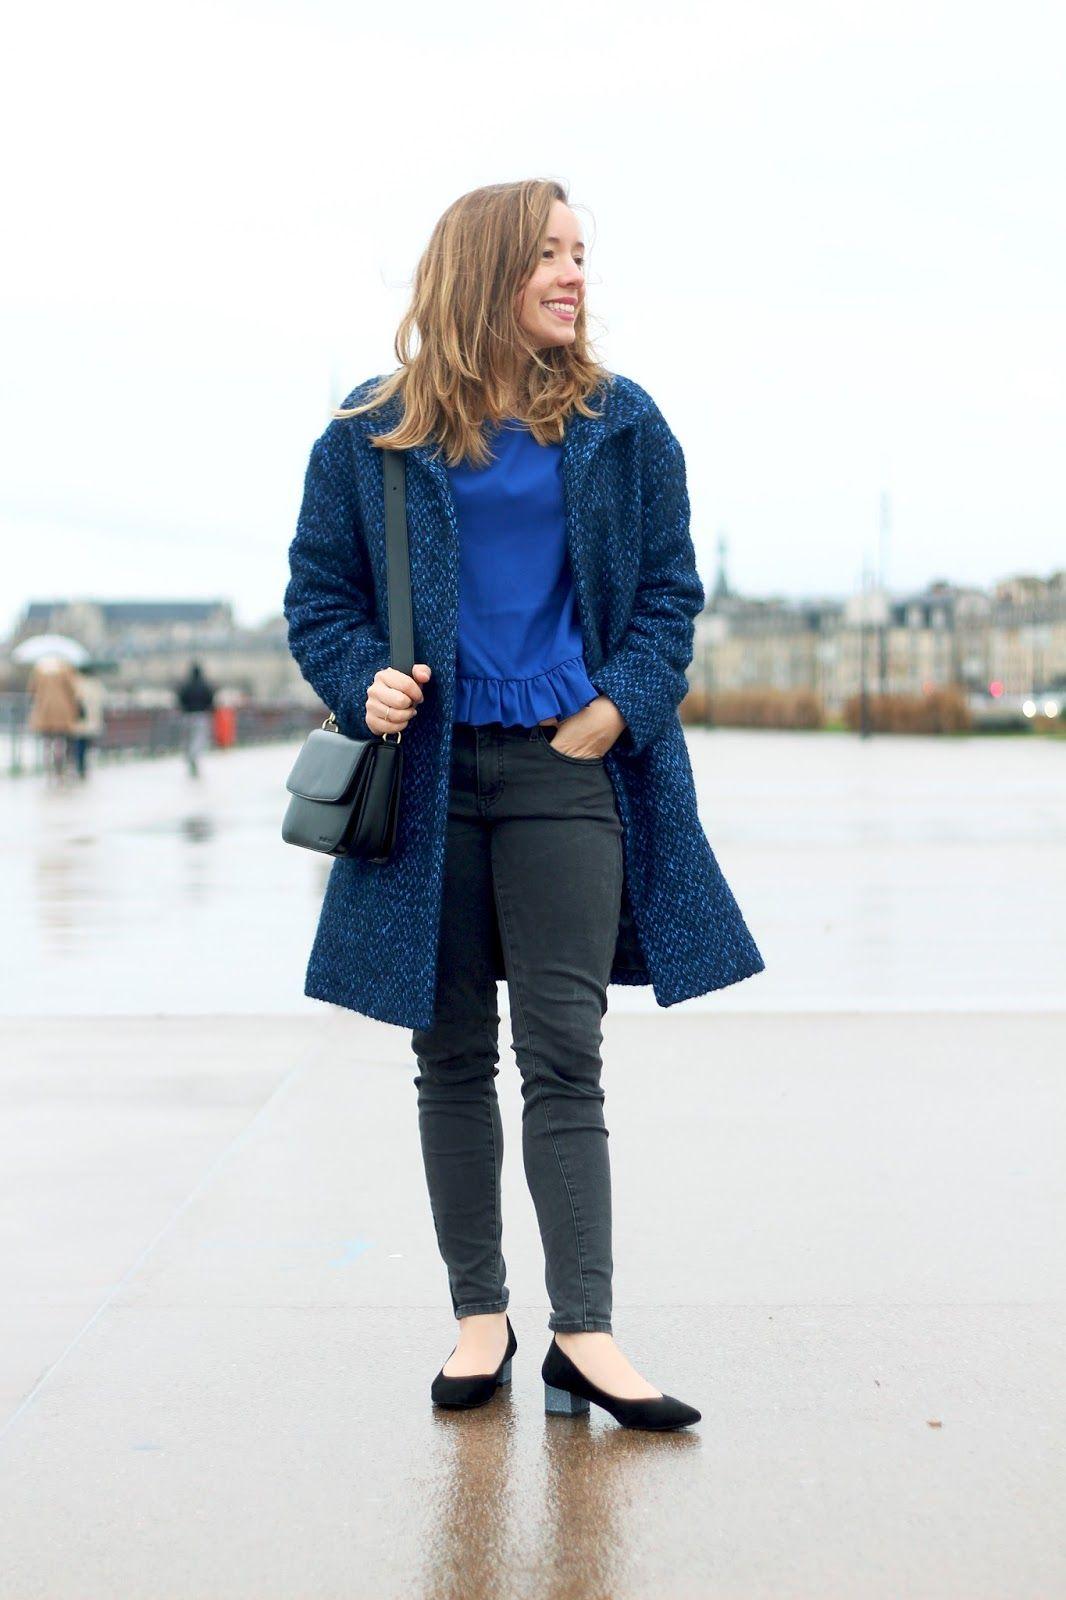 Blog mode lifestyle et bonne humeur ! La penderie de Chloé: Premier look de 2016 !